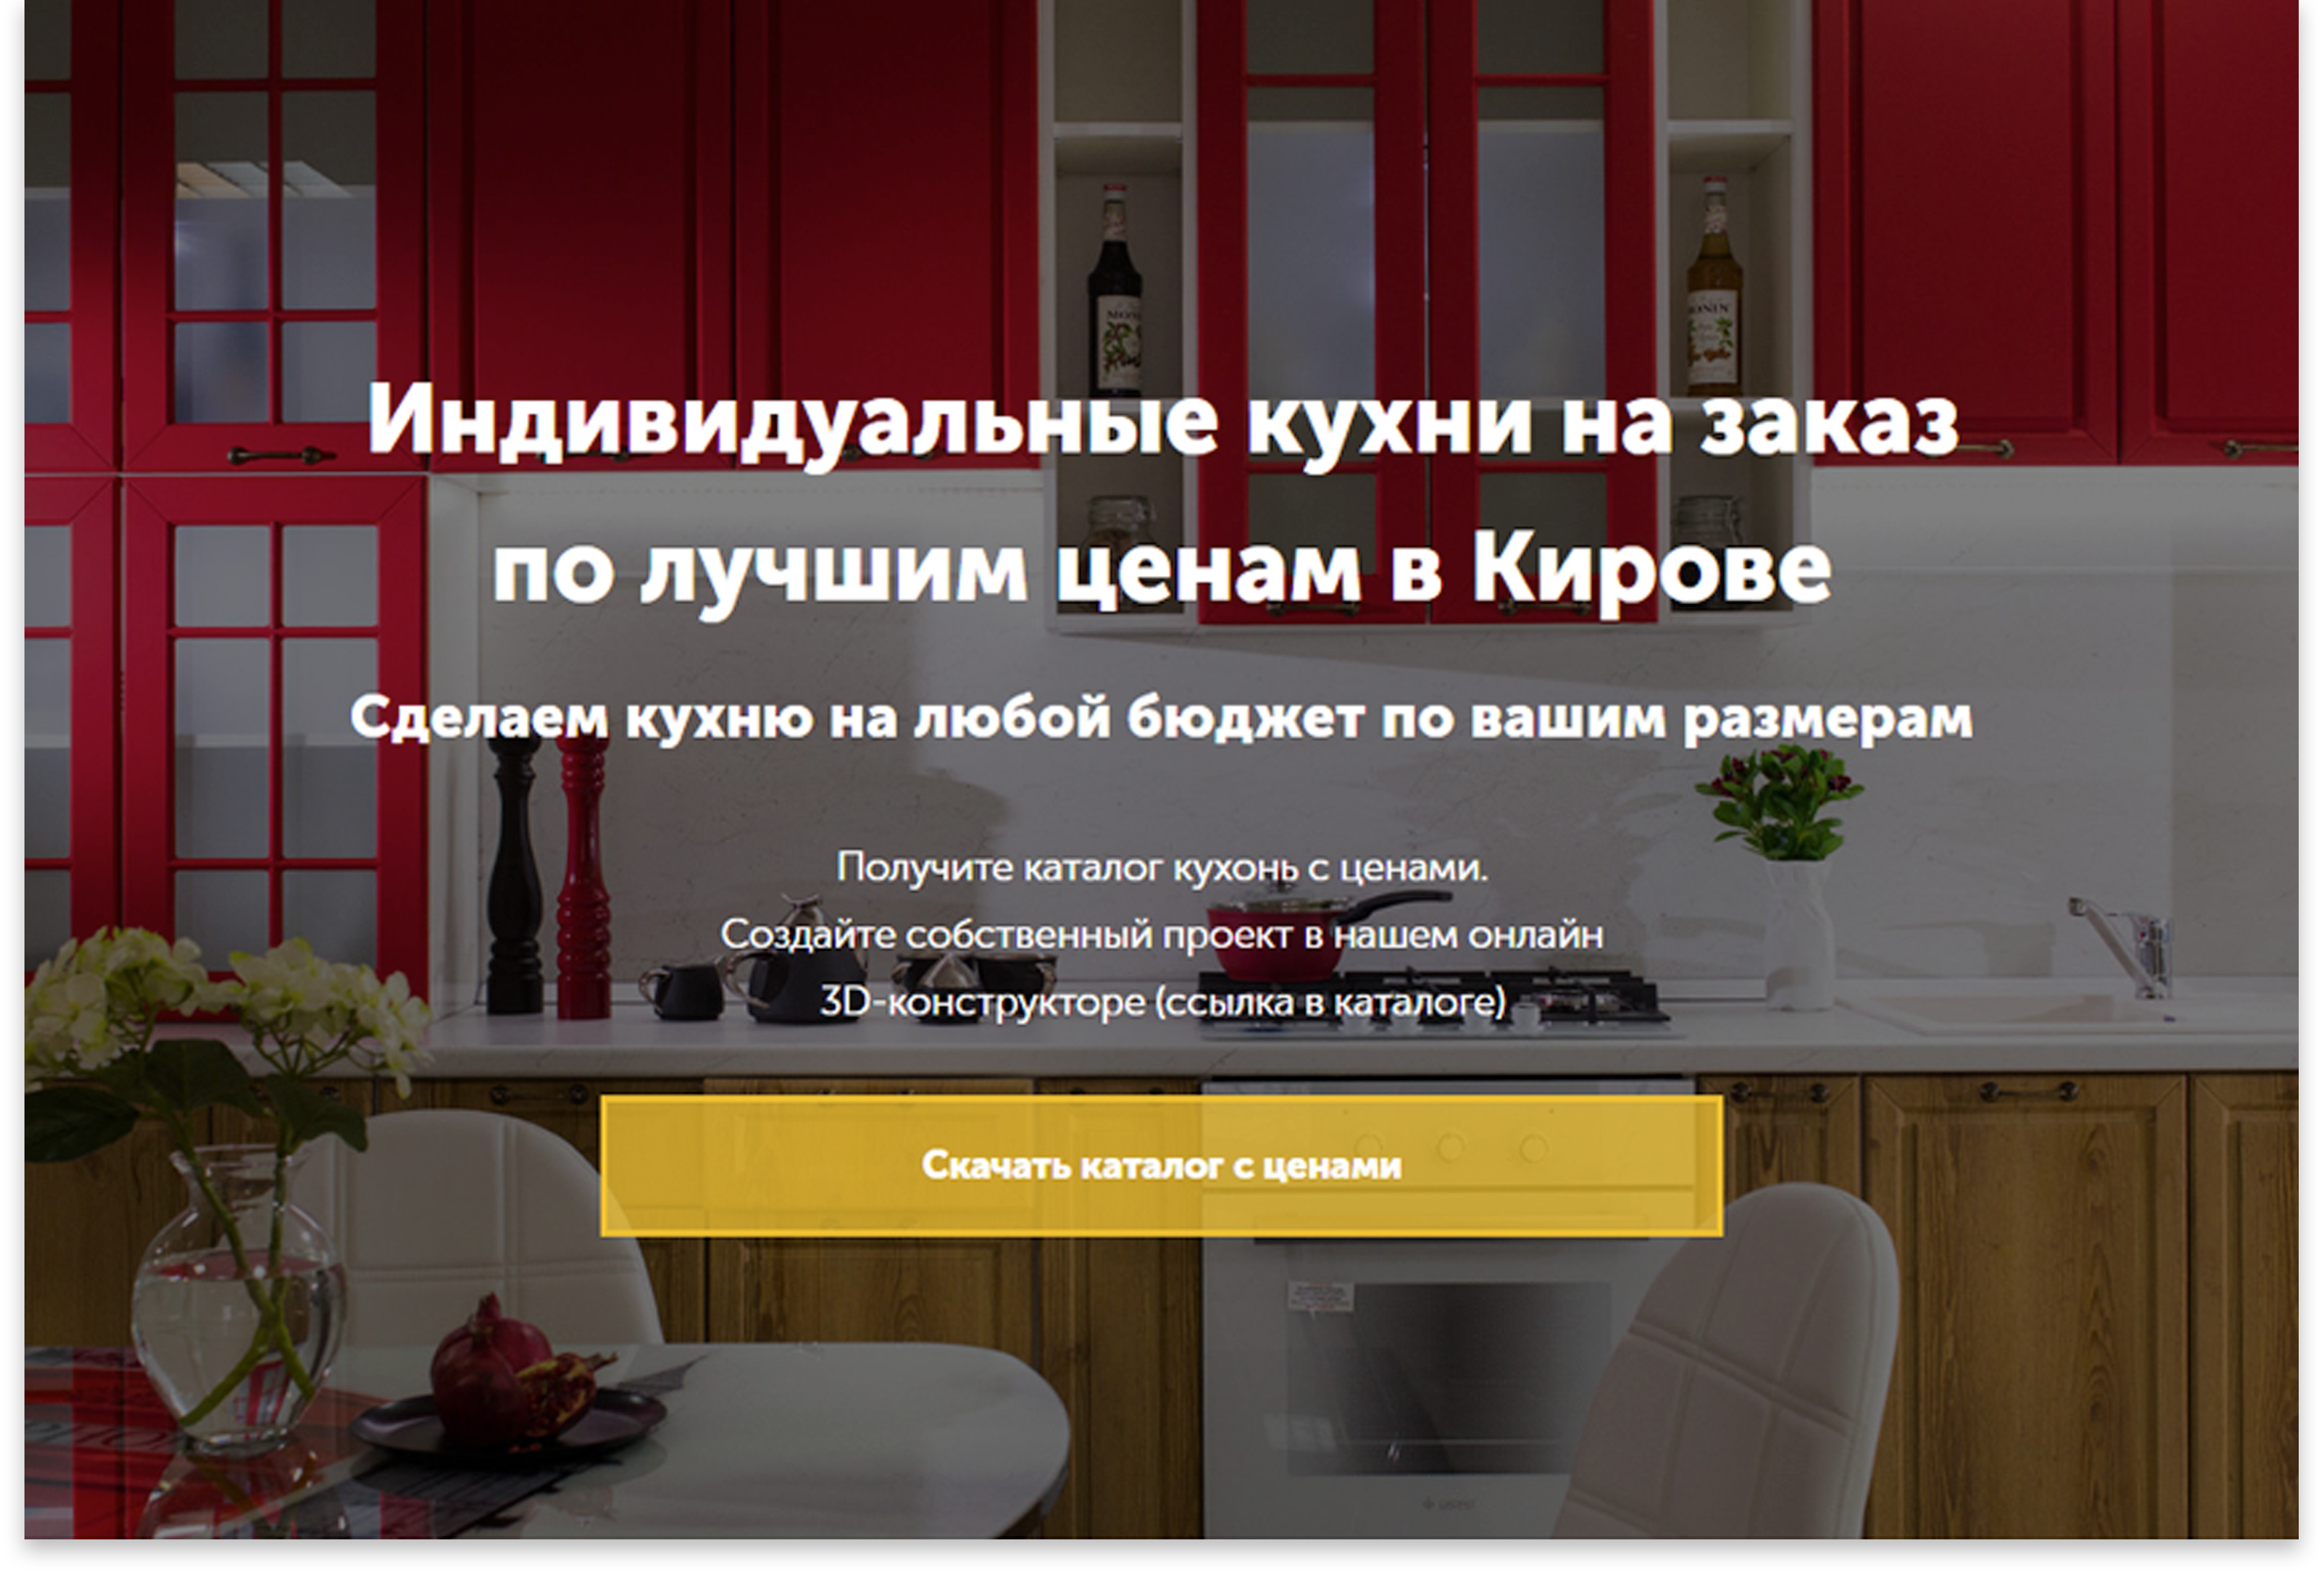 Кухни на заказ в КировеЛендинг для продажи индивидуальных кухонь на заказ в Кирове